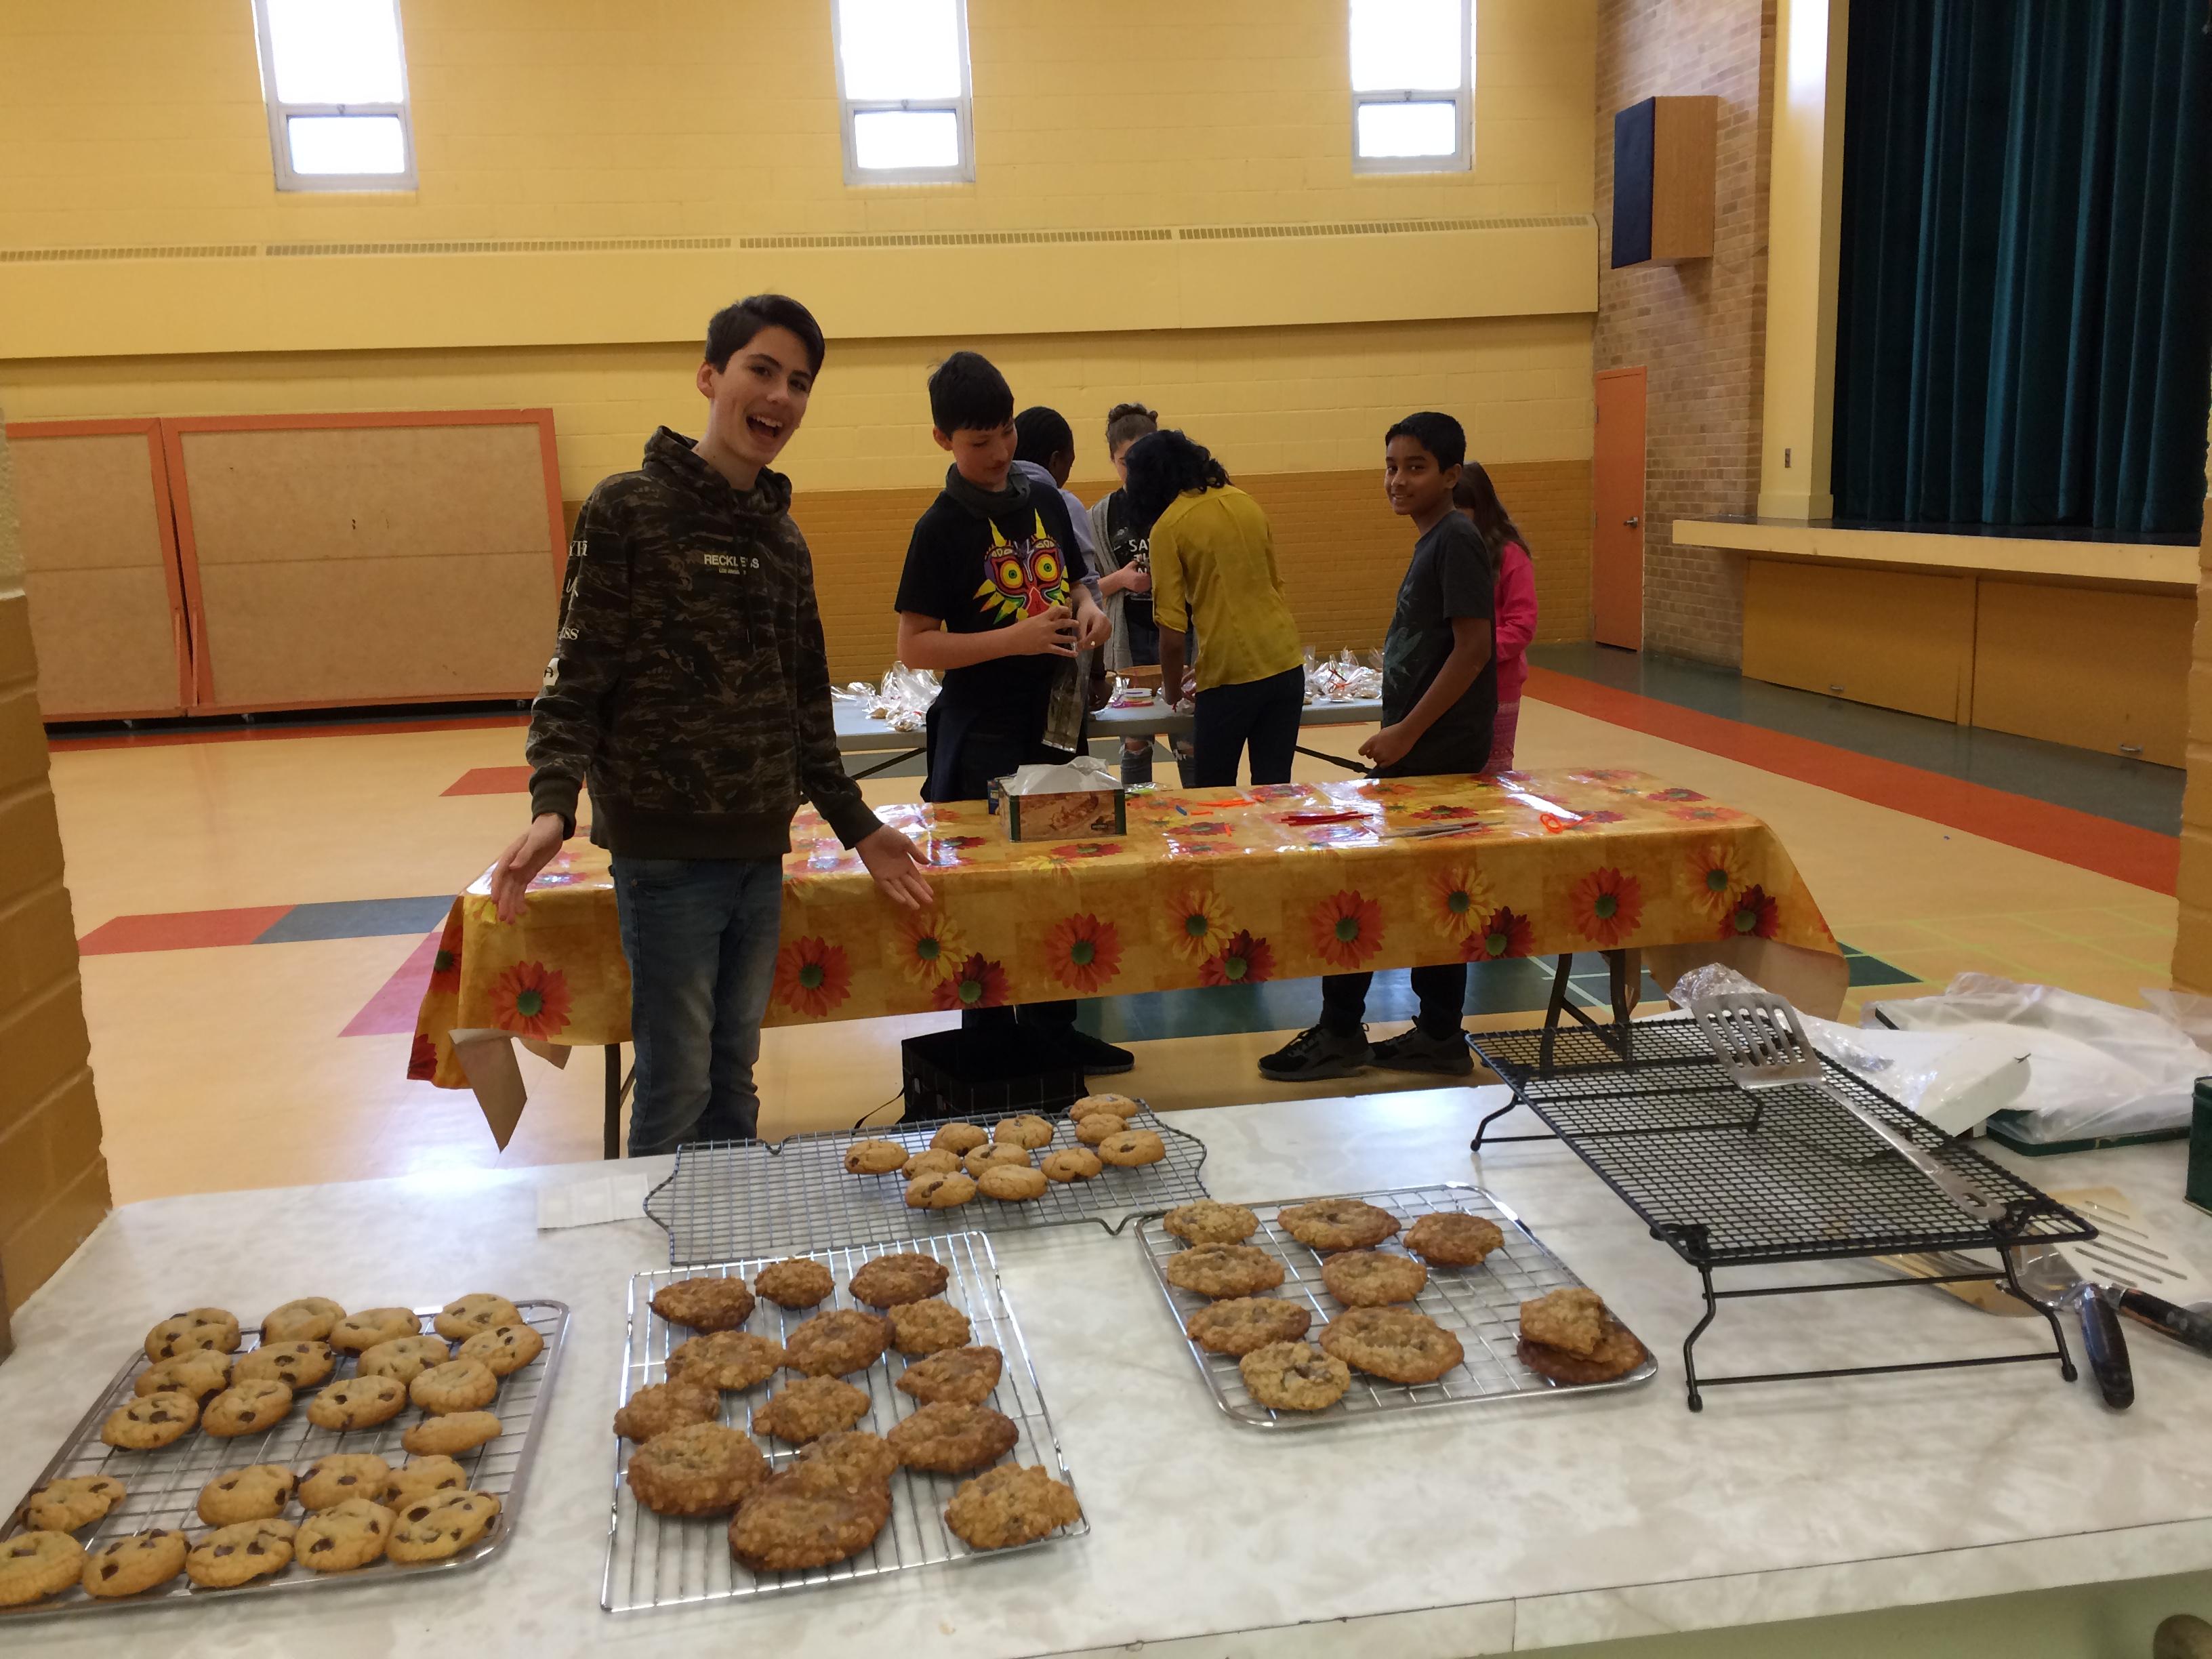 Baking Group 4.Feb 09 19